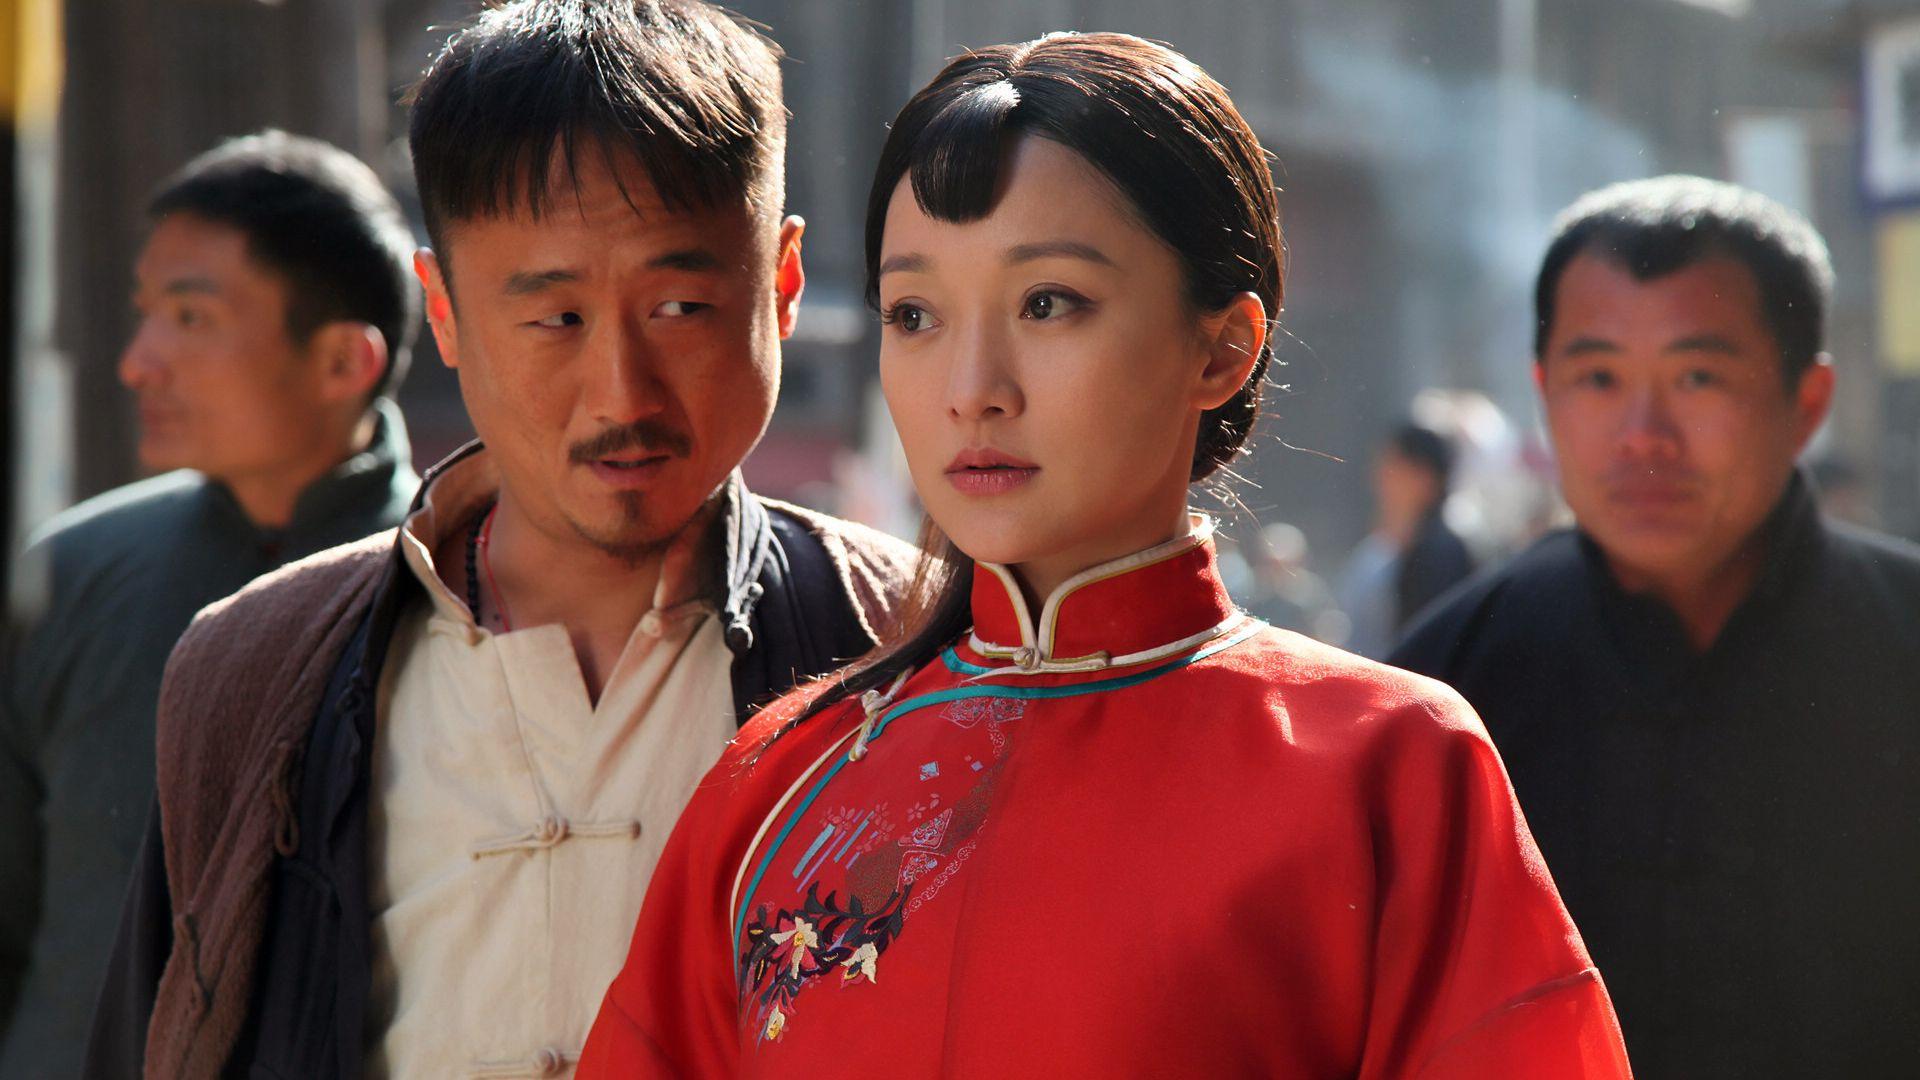 感觉骚红色的x21 这小刘海就像红高粱里面的九儿姑娘 美美哒图片